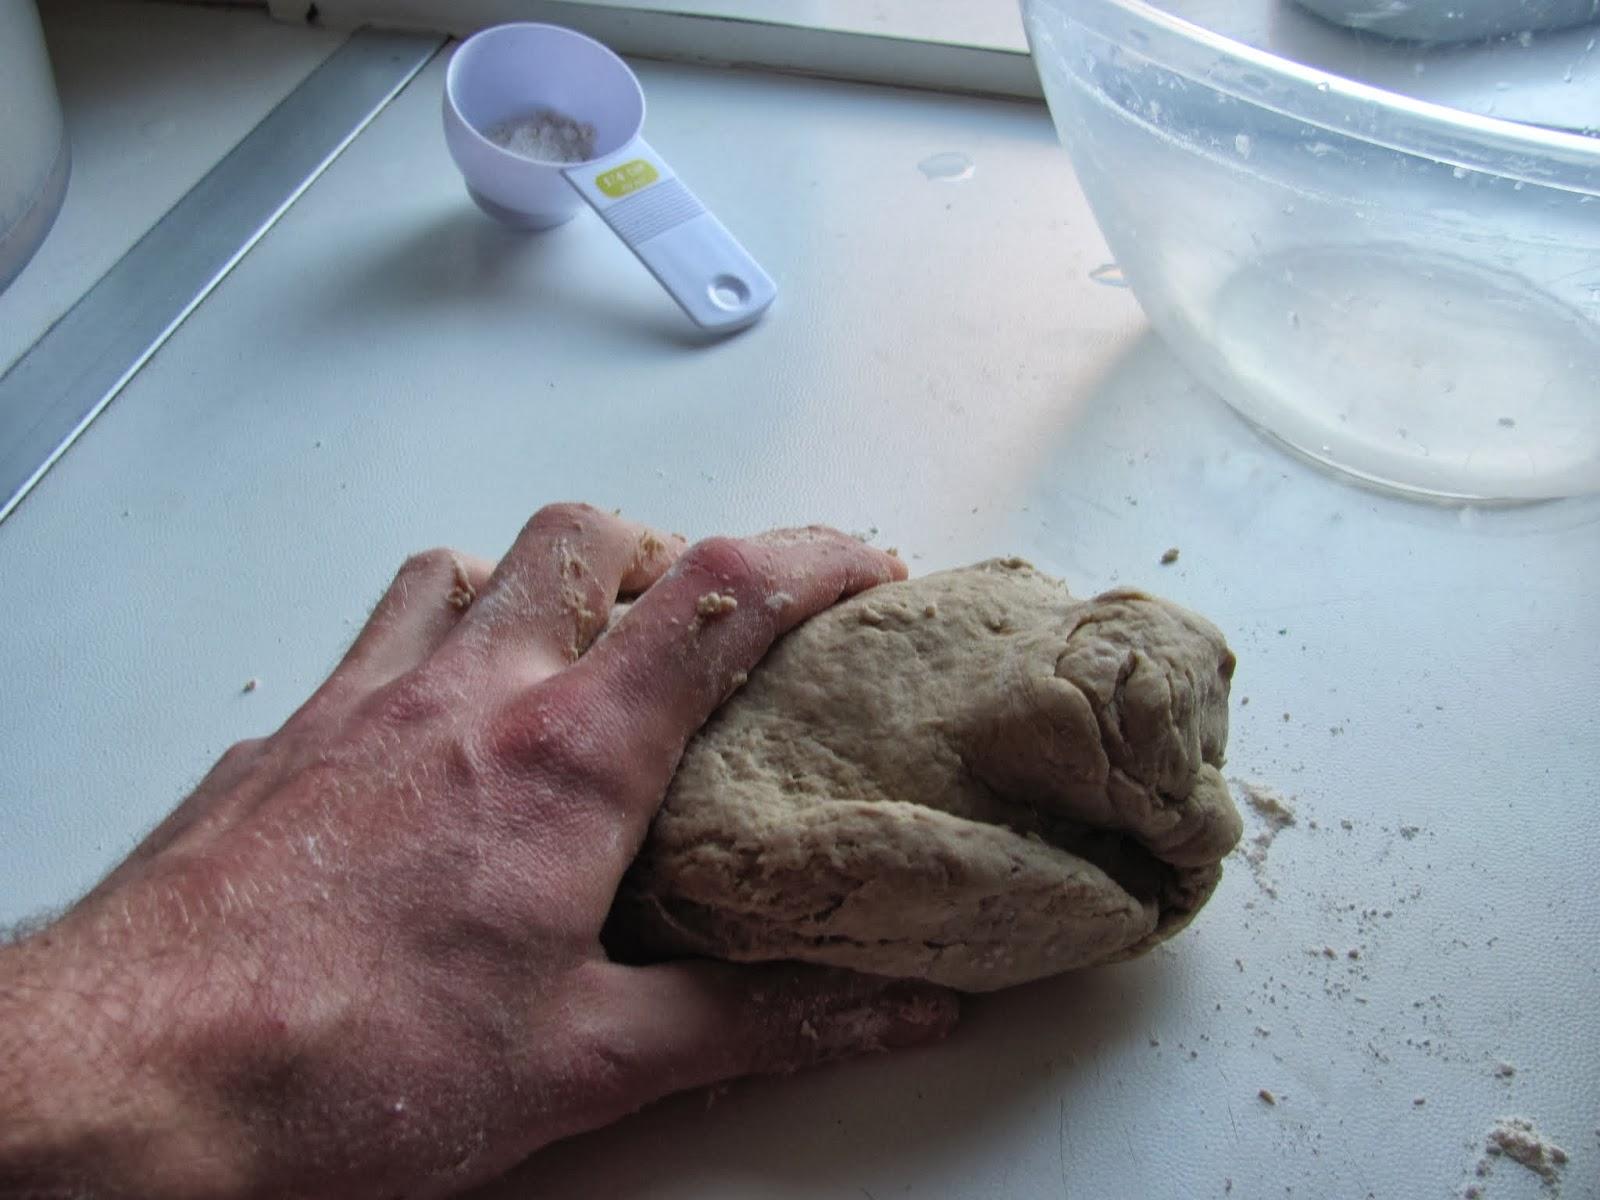 Kneading the stout trub bread dough